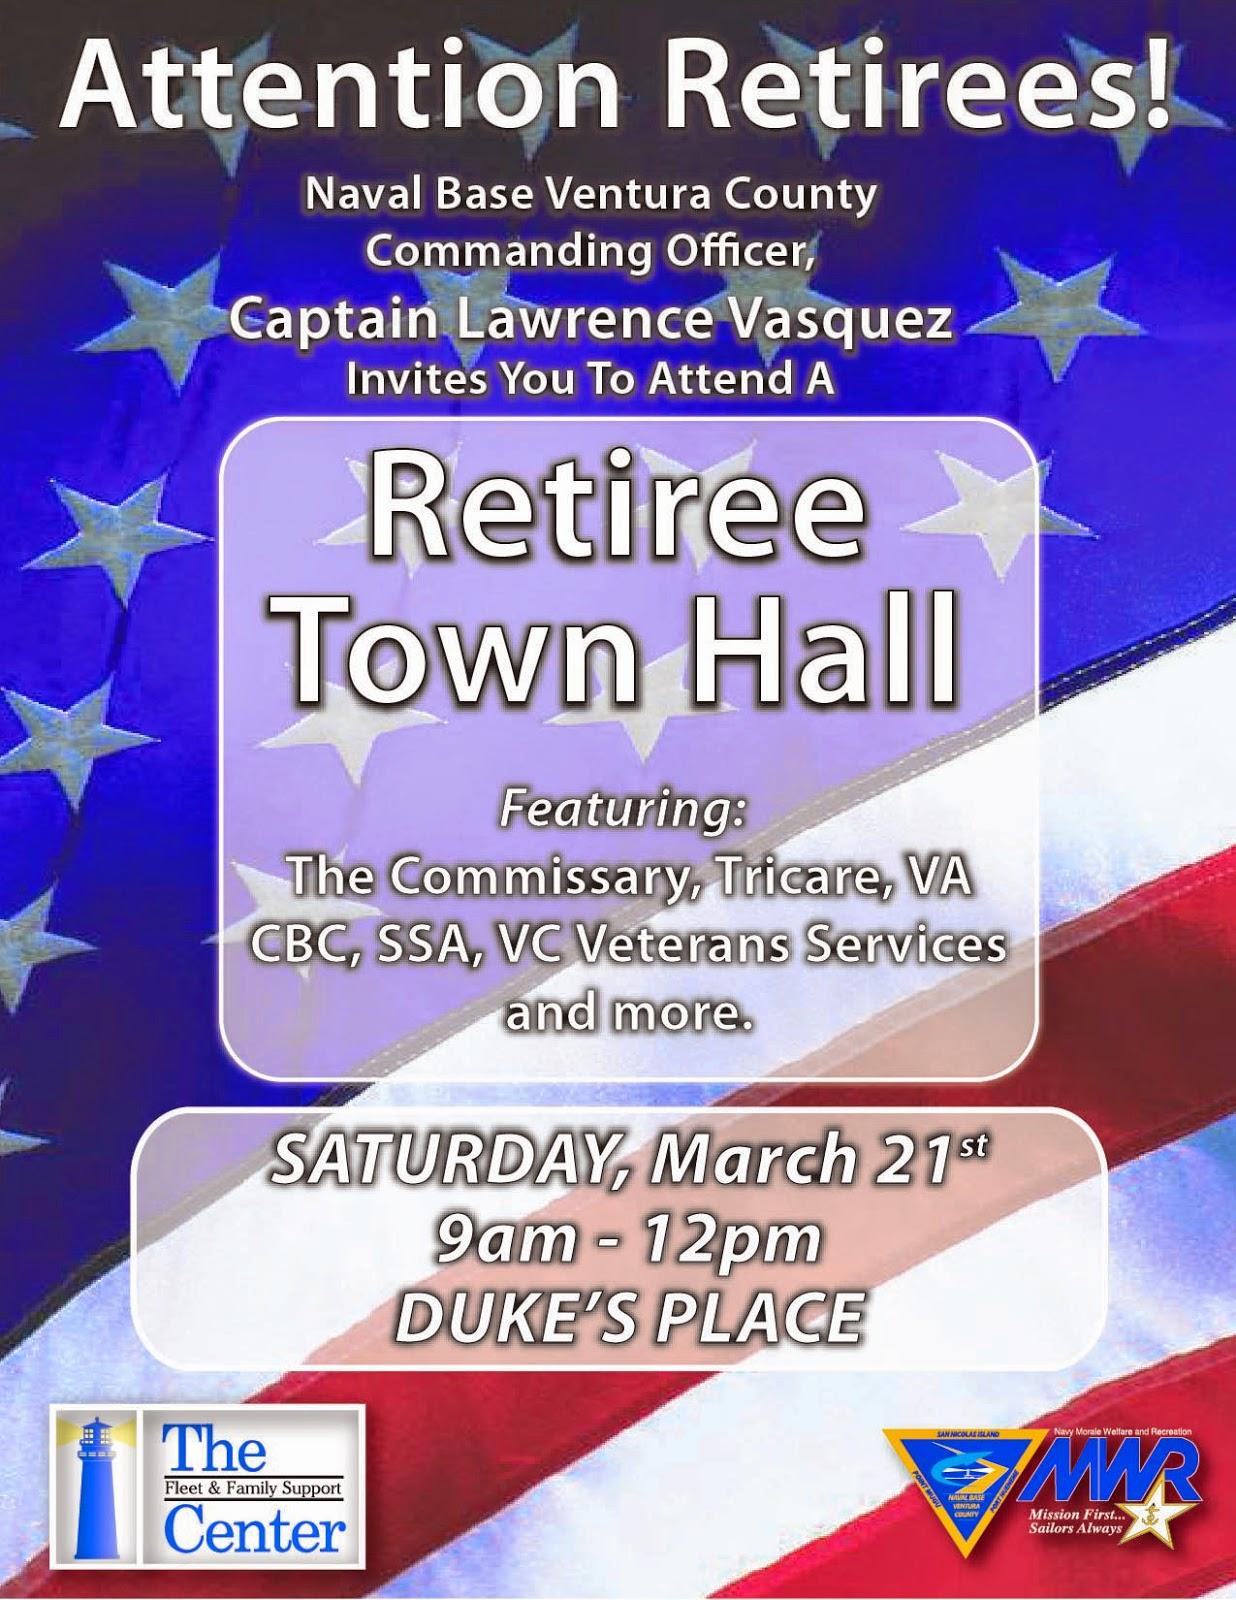 www.vchsa.org/veterans